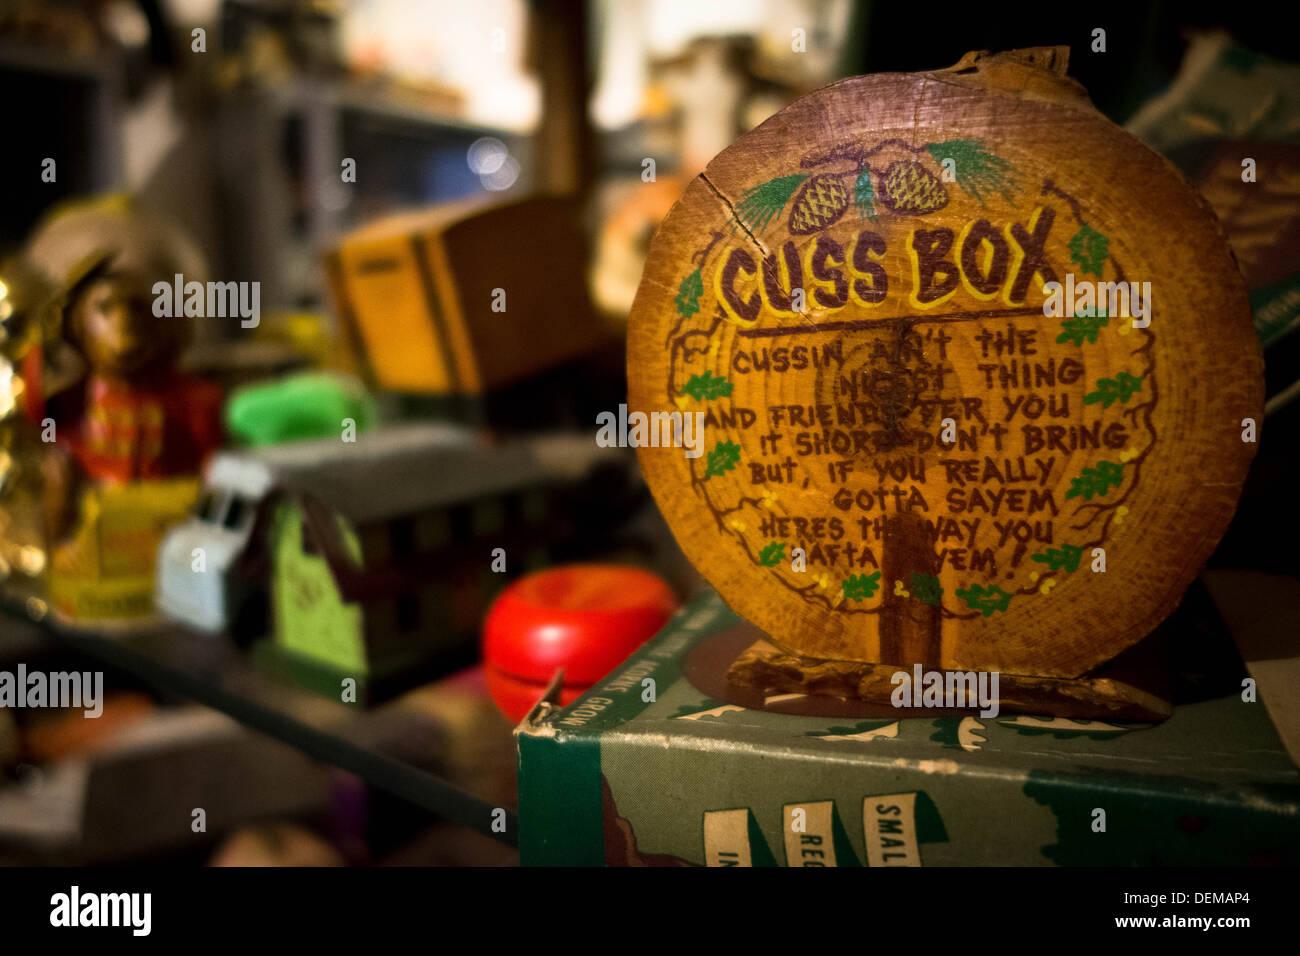 """""""Cuss-Box"""" befürworten, fluchen und mit Schimpfworte, gefunden in einem Antiquitätengeschäft in Pittsburgh. Stockbild"""